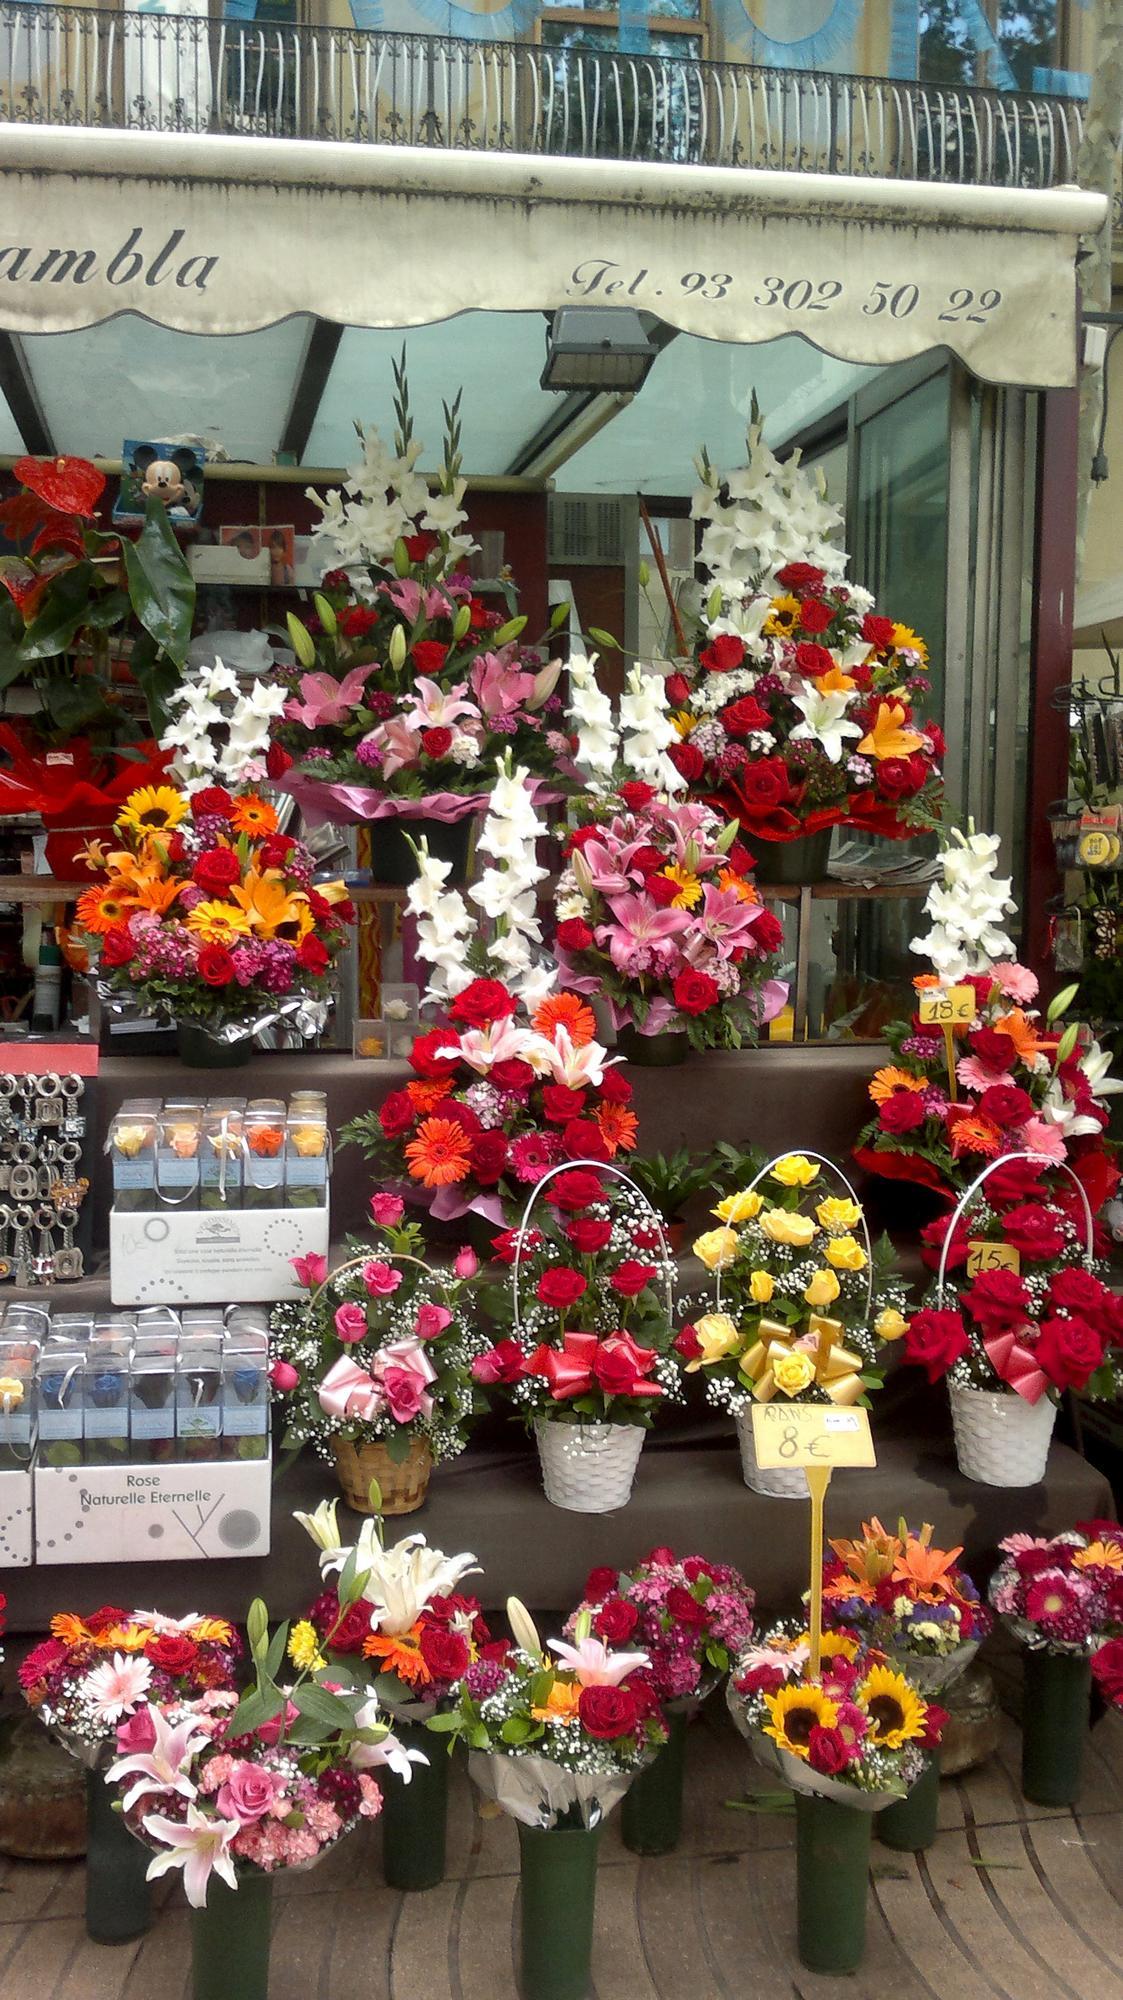 Stánek s květinami na Las Ramblas